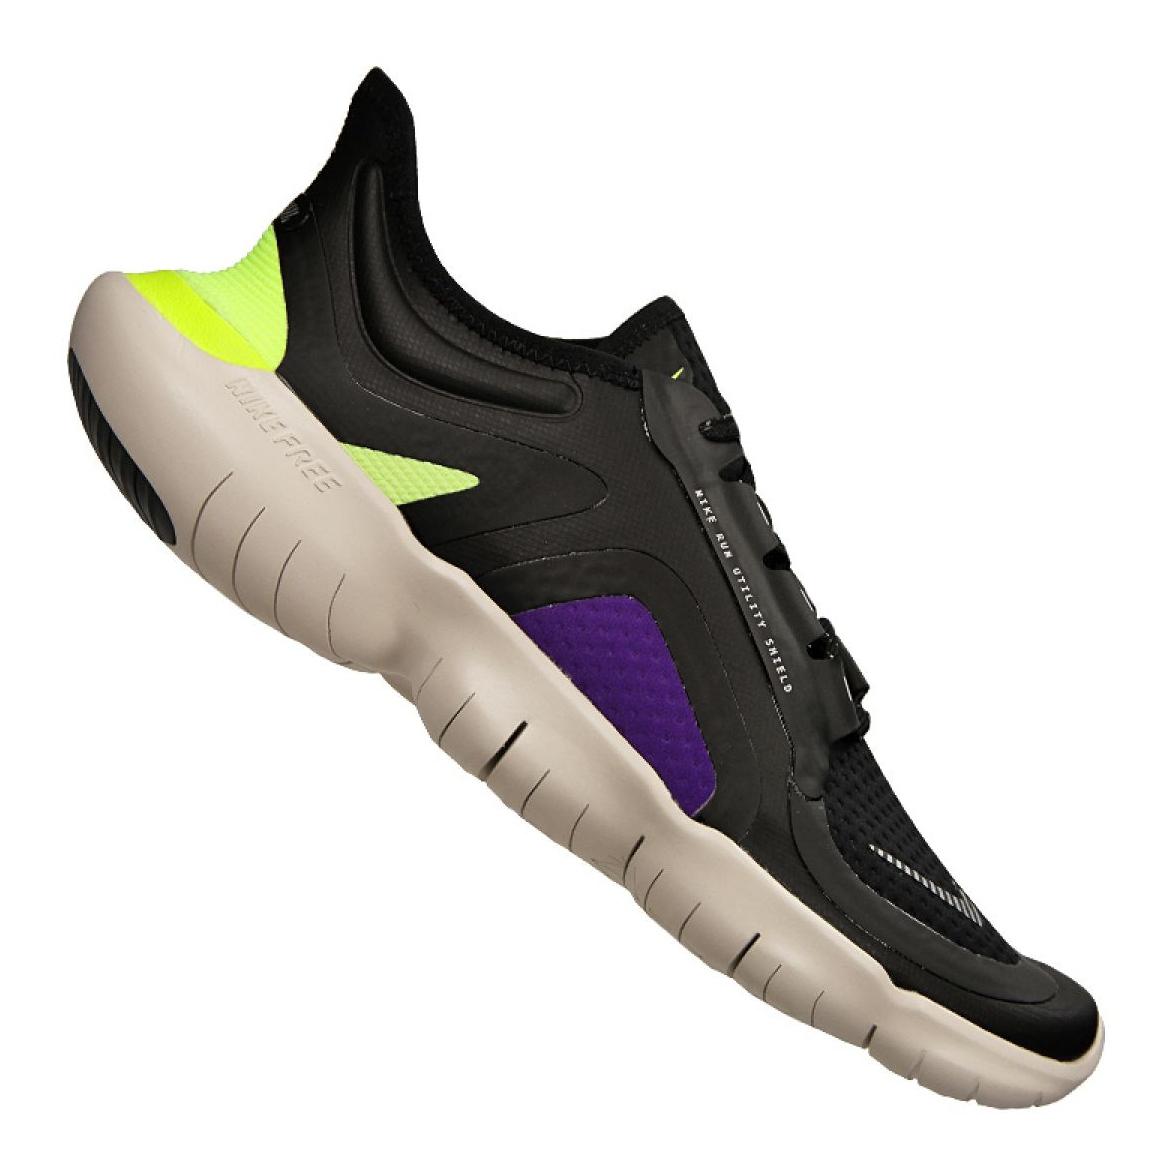 Nike Free Rn 5.0 Shield M BV1223-001